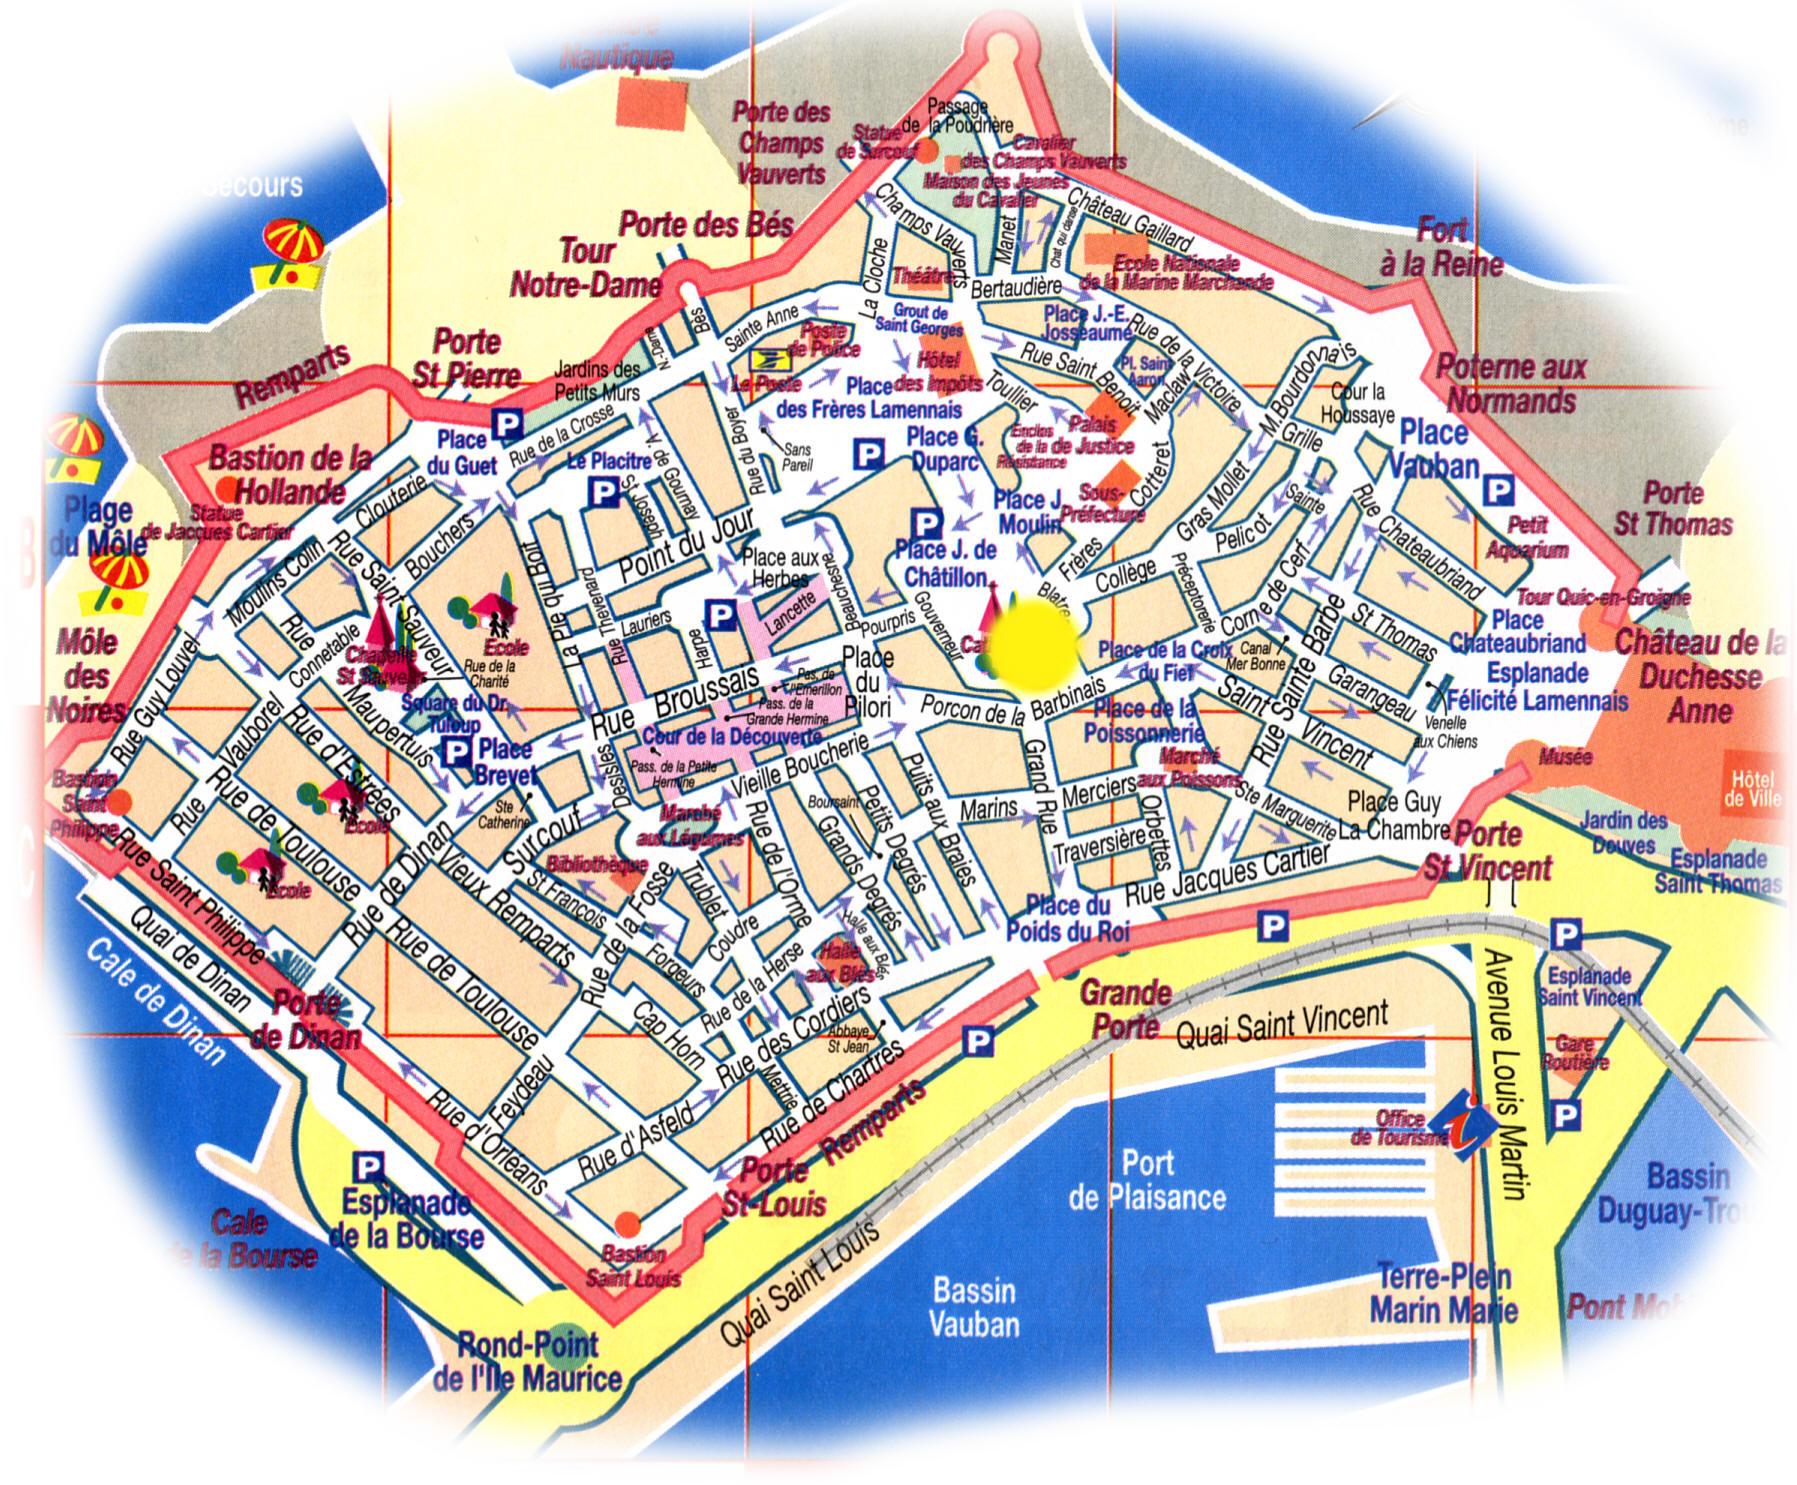 des plans cul Saint-Malo